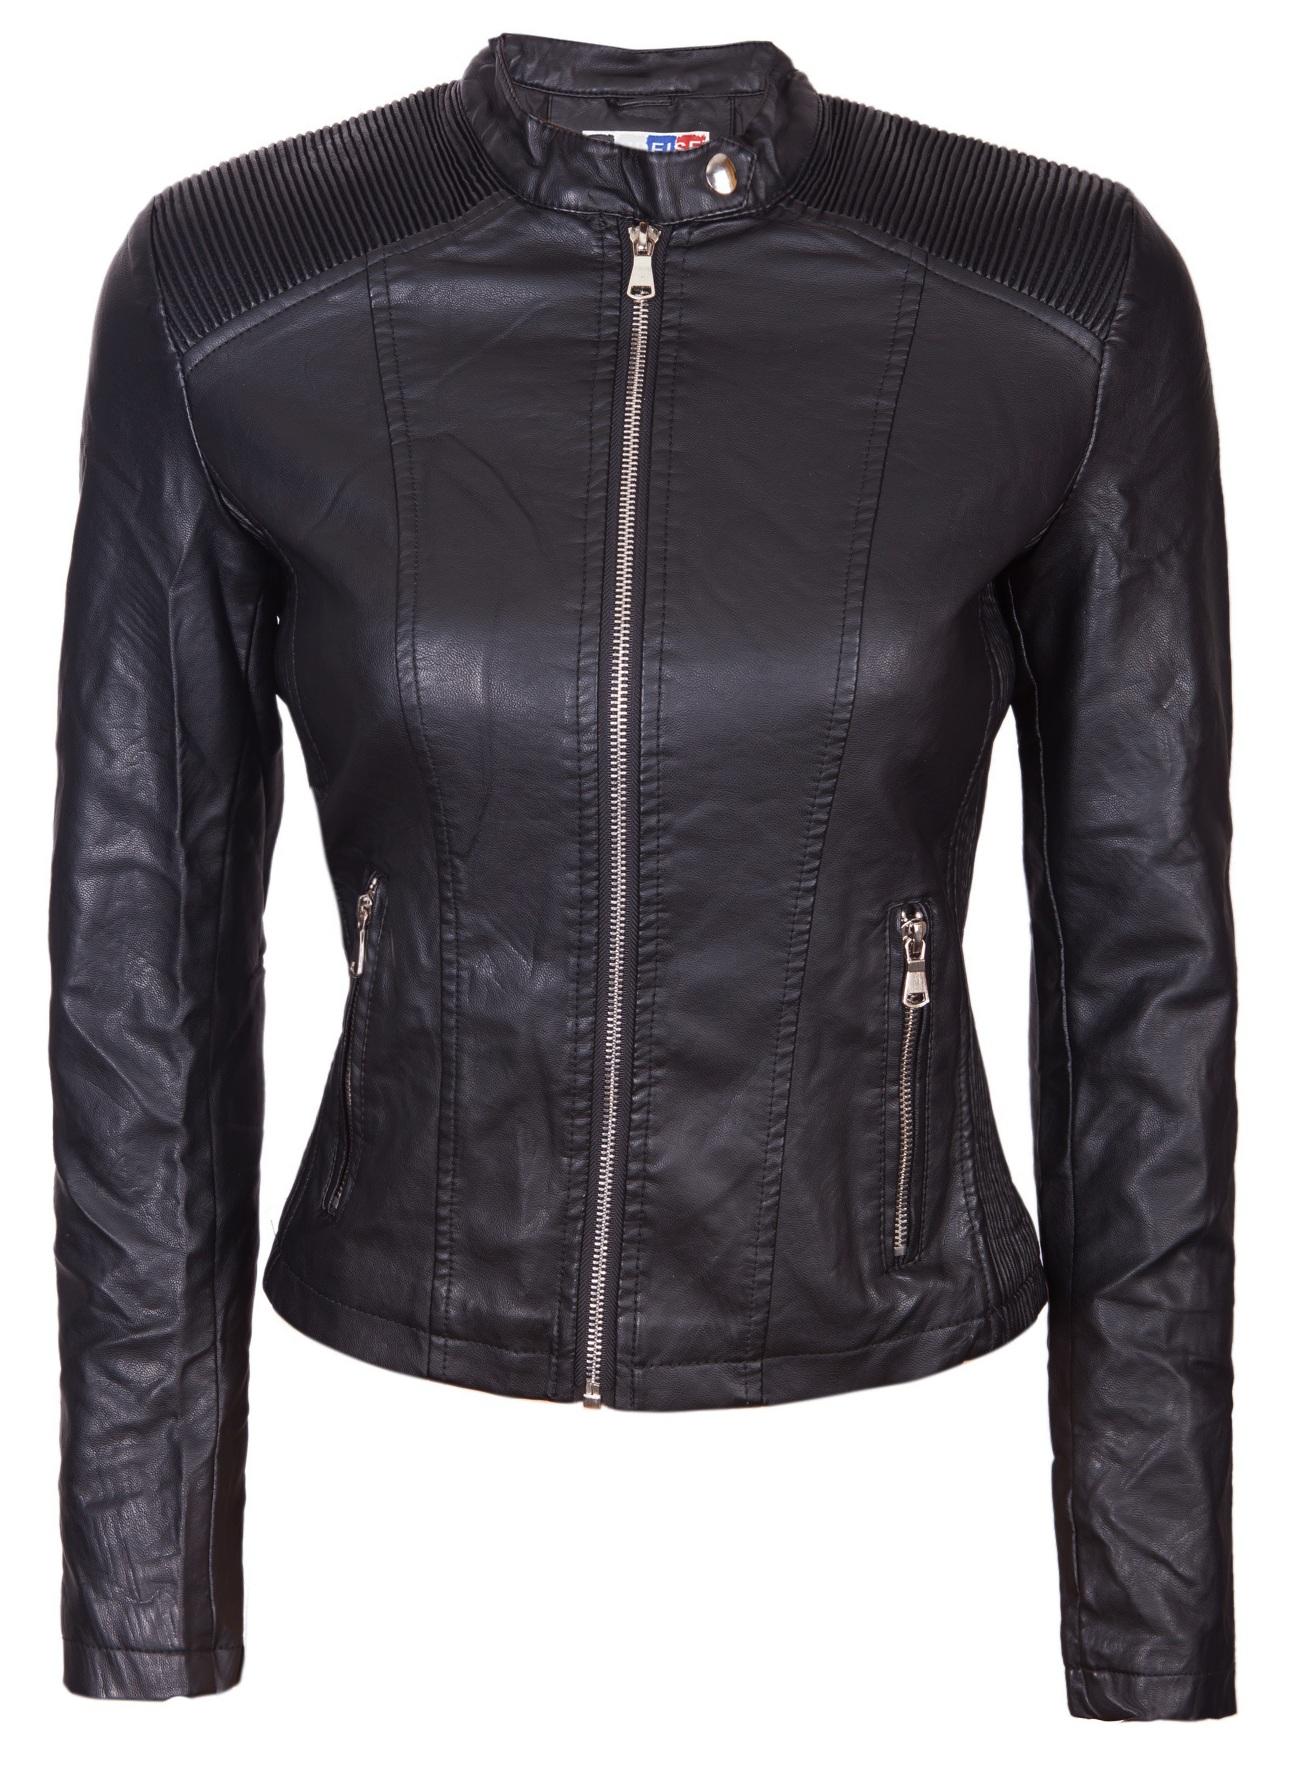 37abf3a55b4 Дамско кожено яке - P4003 - Ephorial.com | Онлайн магазин за мъжки и ...